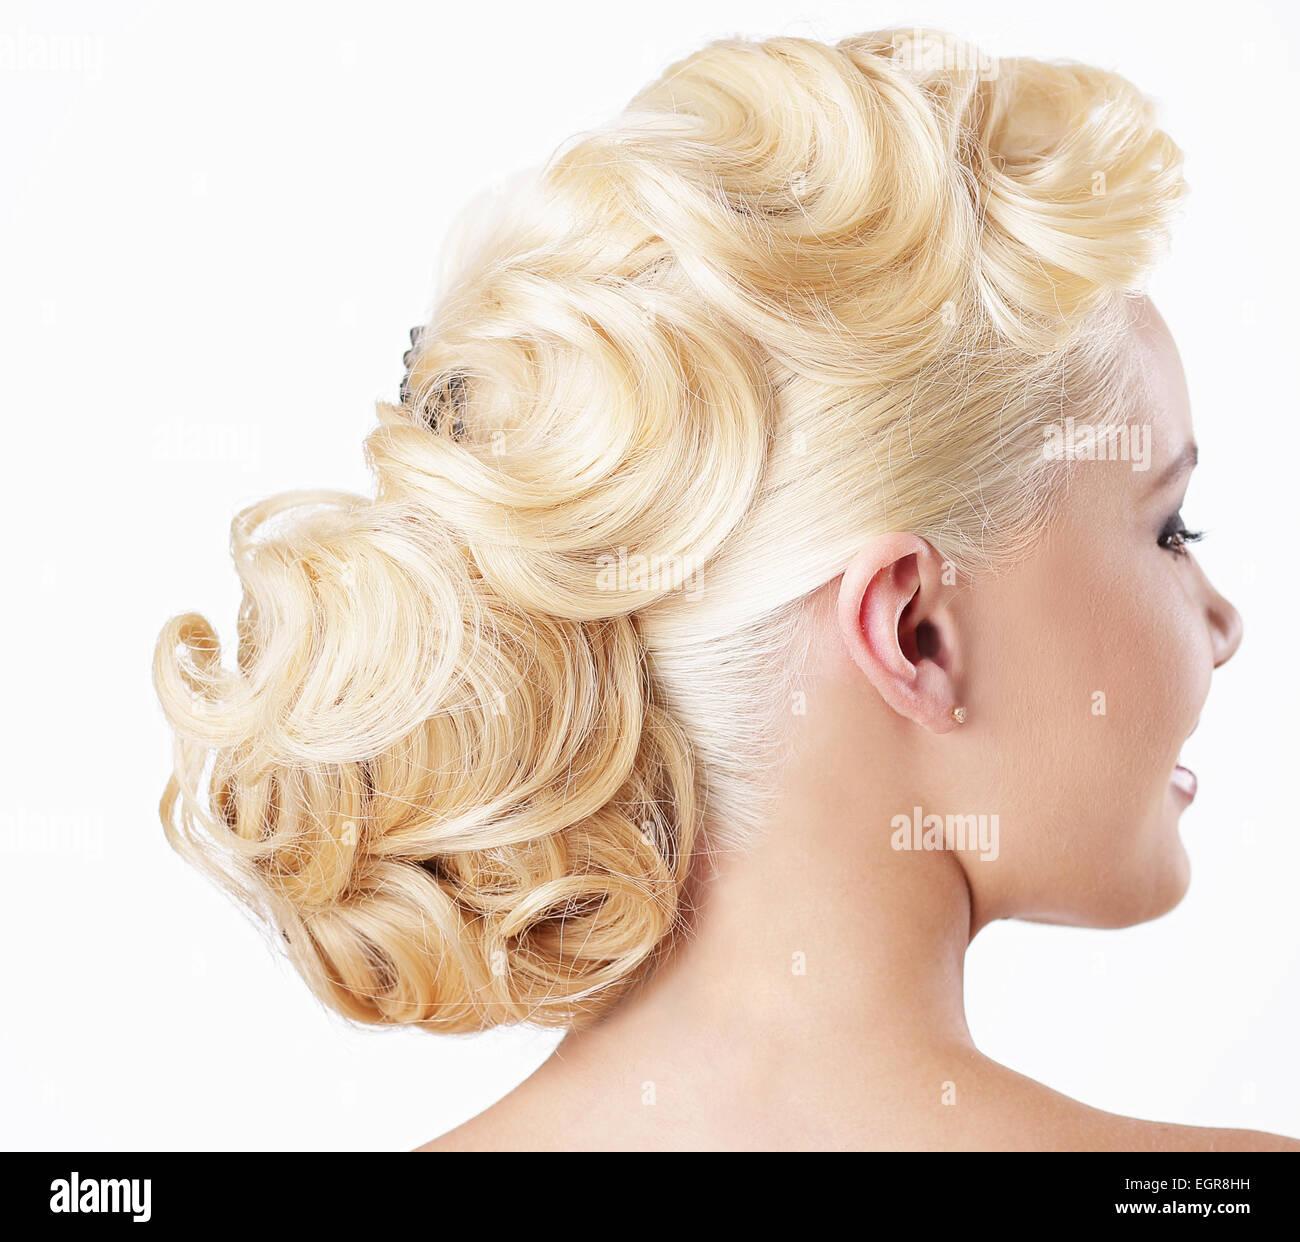 Eleganz. Rückansicht des Blondine mit festlichen Frisur Stockbild